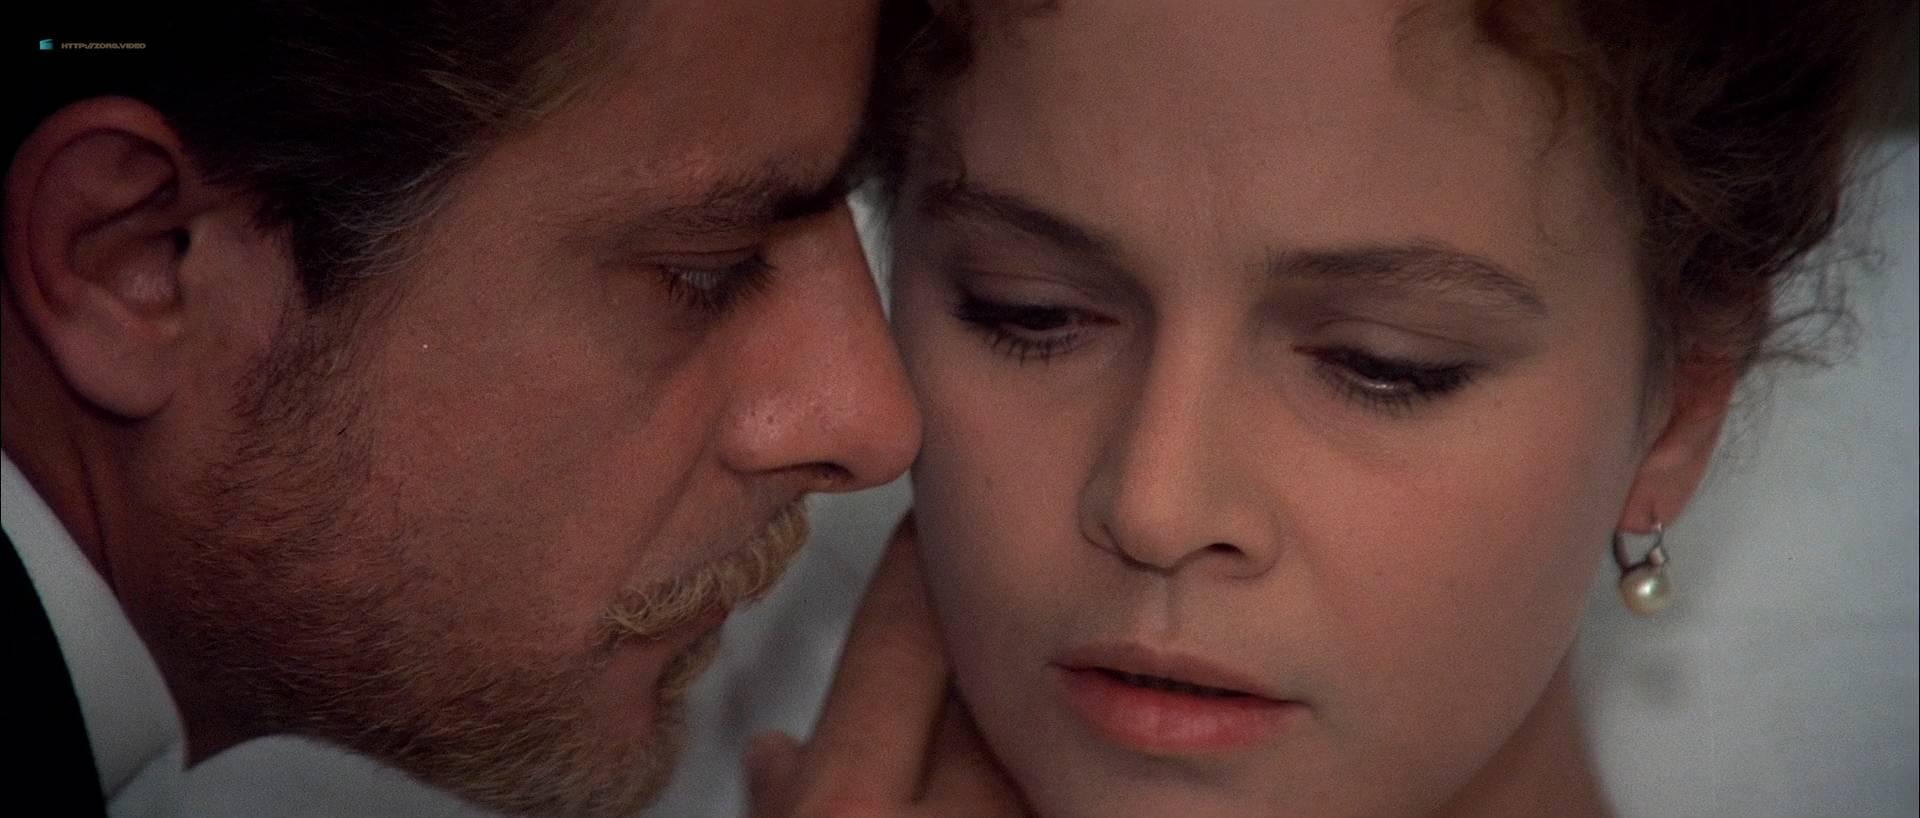 Laura Antonelli nude bush and topless - L'innocente (IT-1976) HD 1080p BluRay (11)